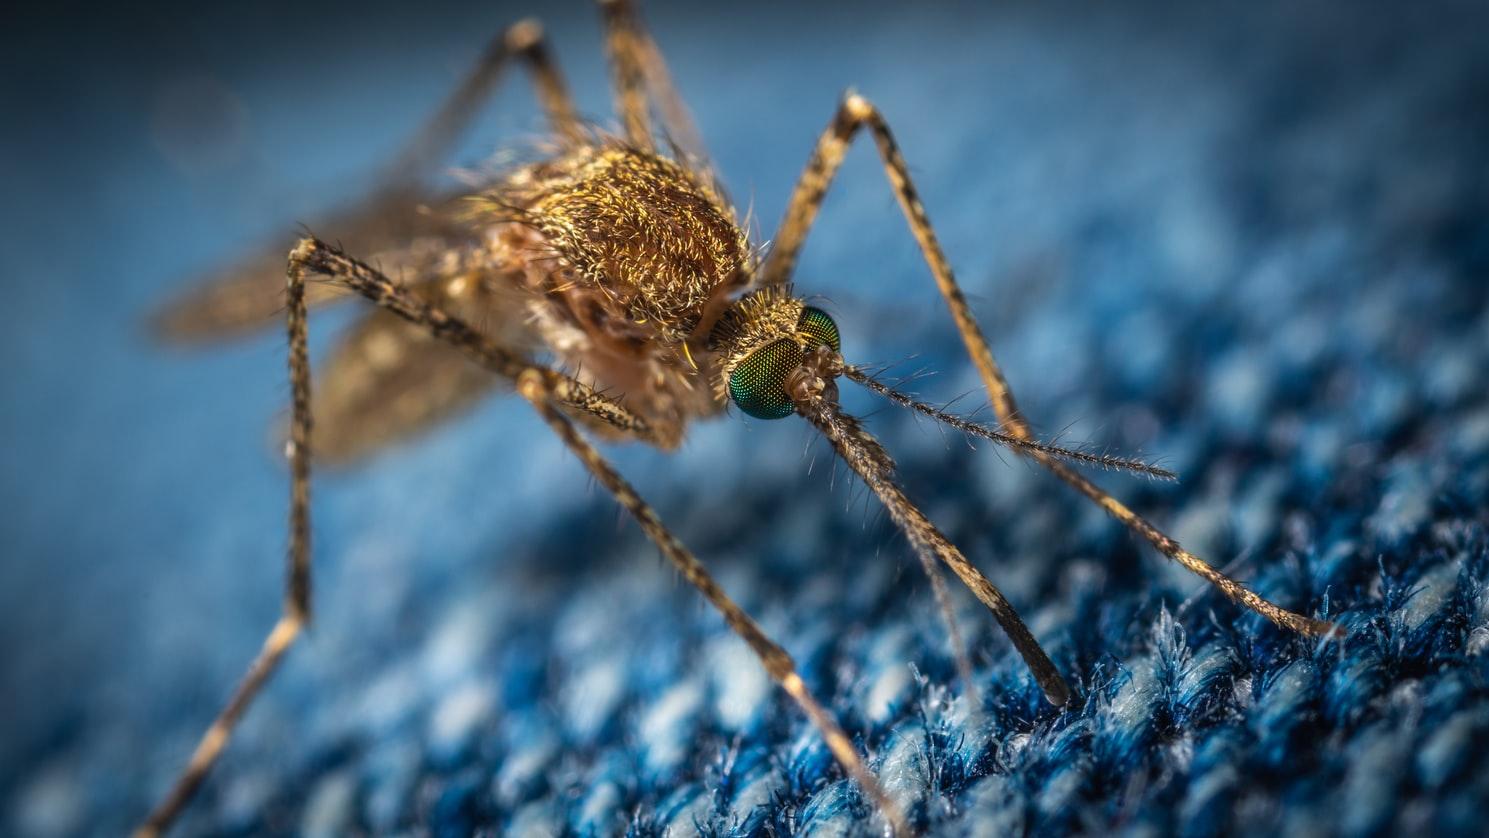 mosquito control pest management